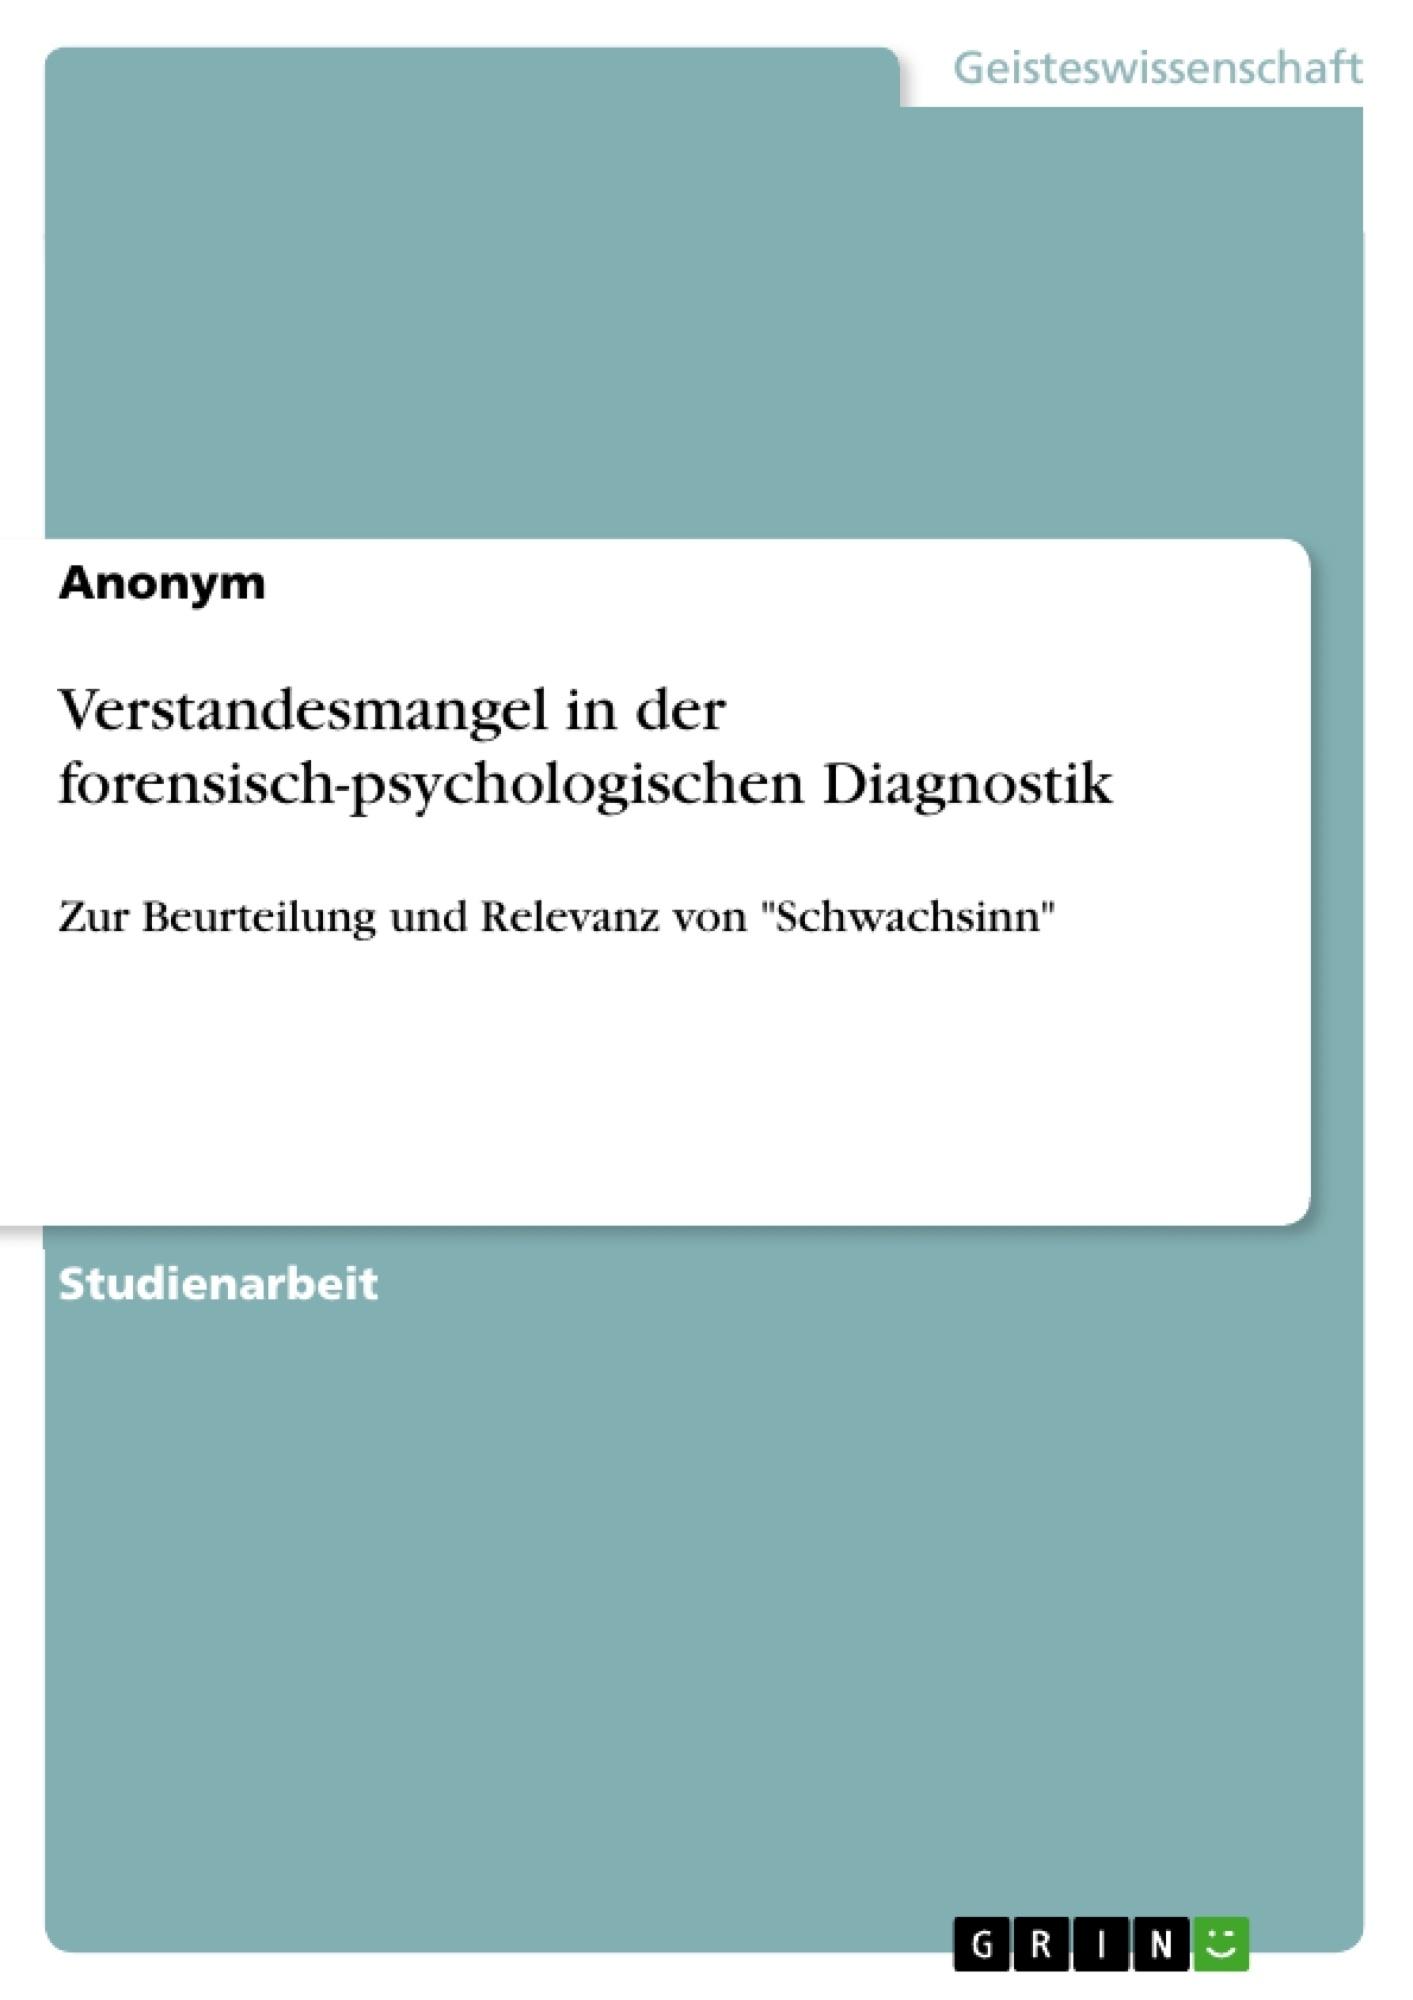 Titel: Verstandesmangel in der forensisch-psychologischen Diagnostik